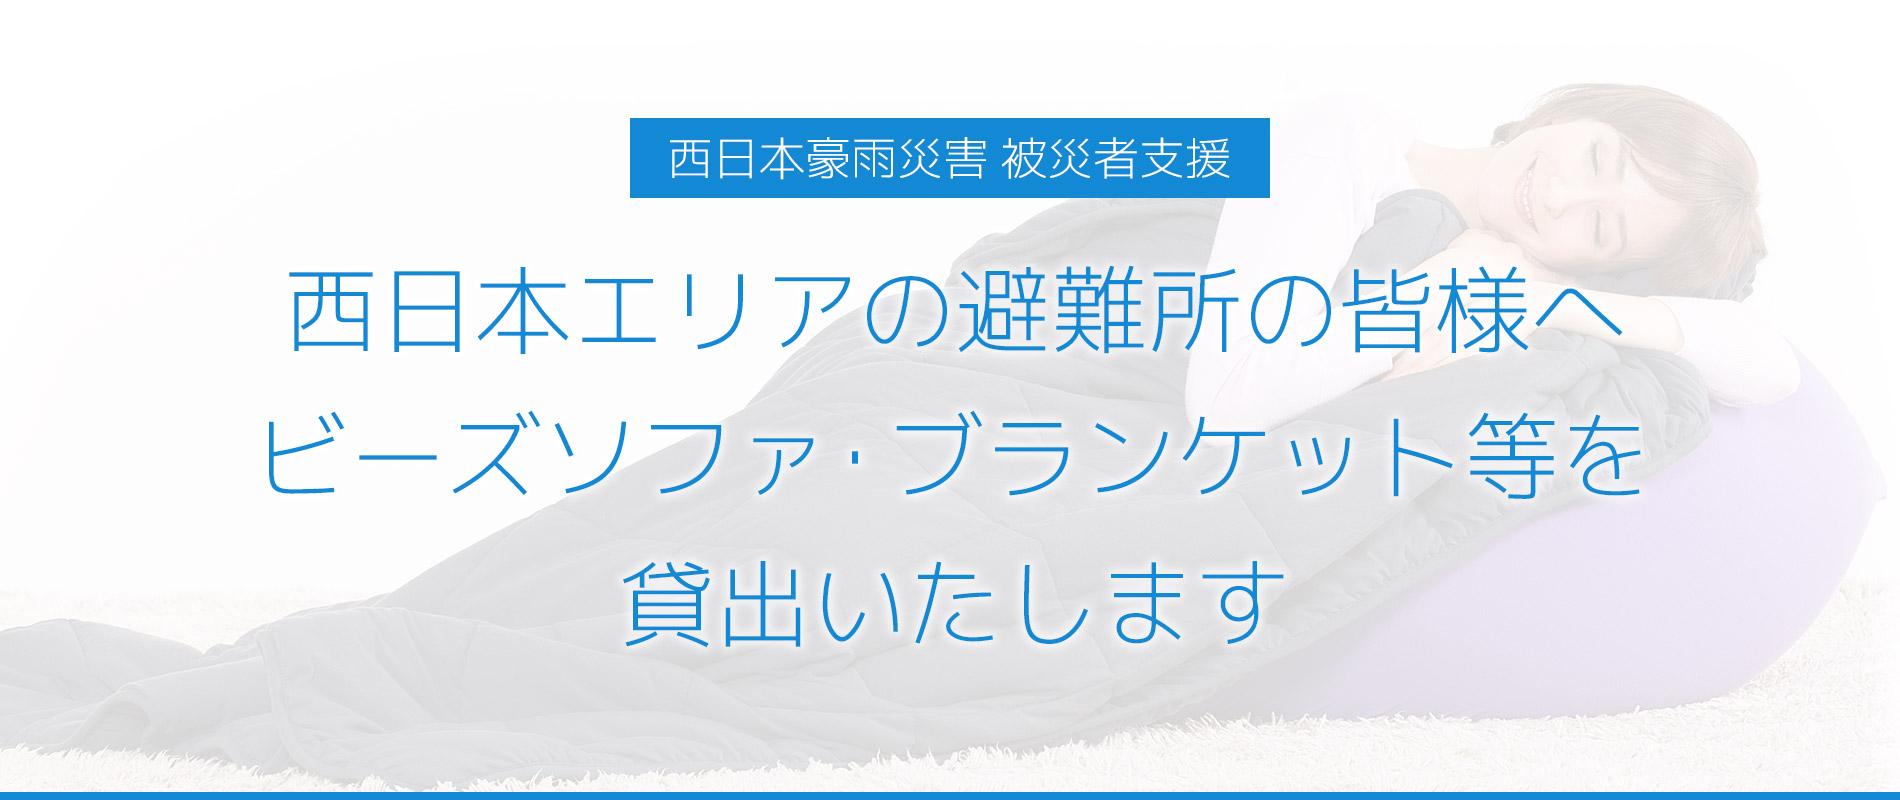 西日本エリアの避難所の皆様へビーズソファ・ブランケット等を貸出いたします